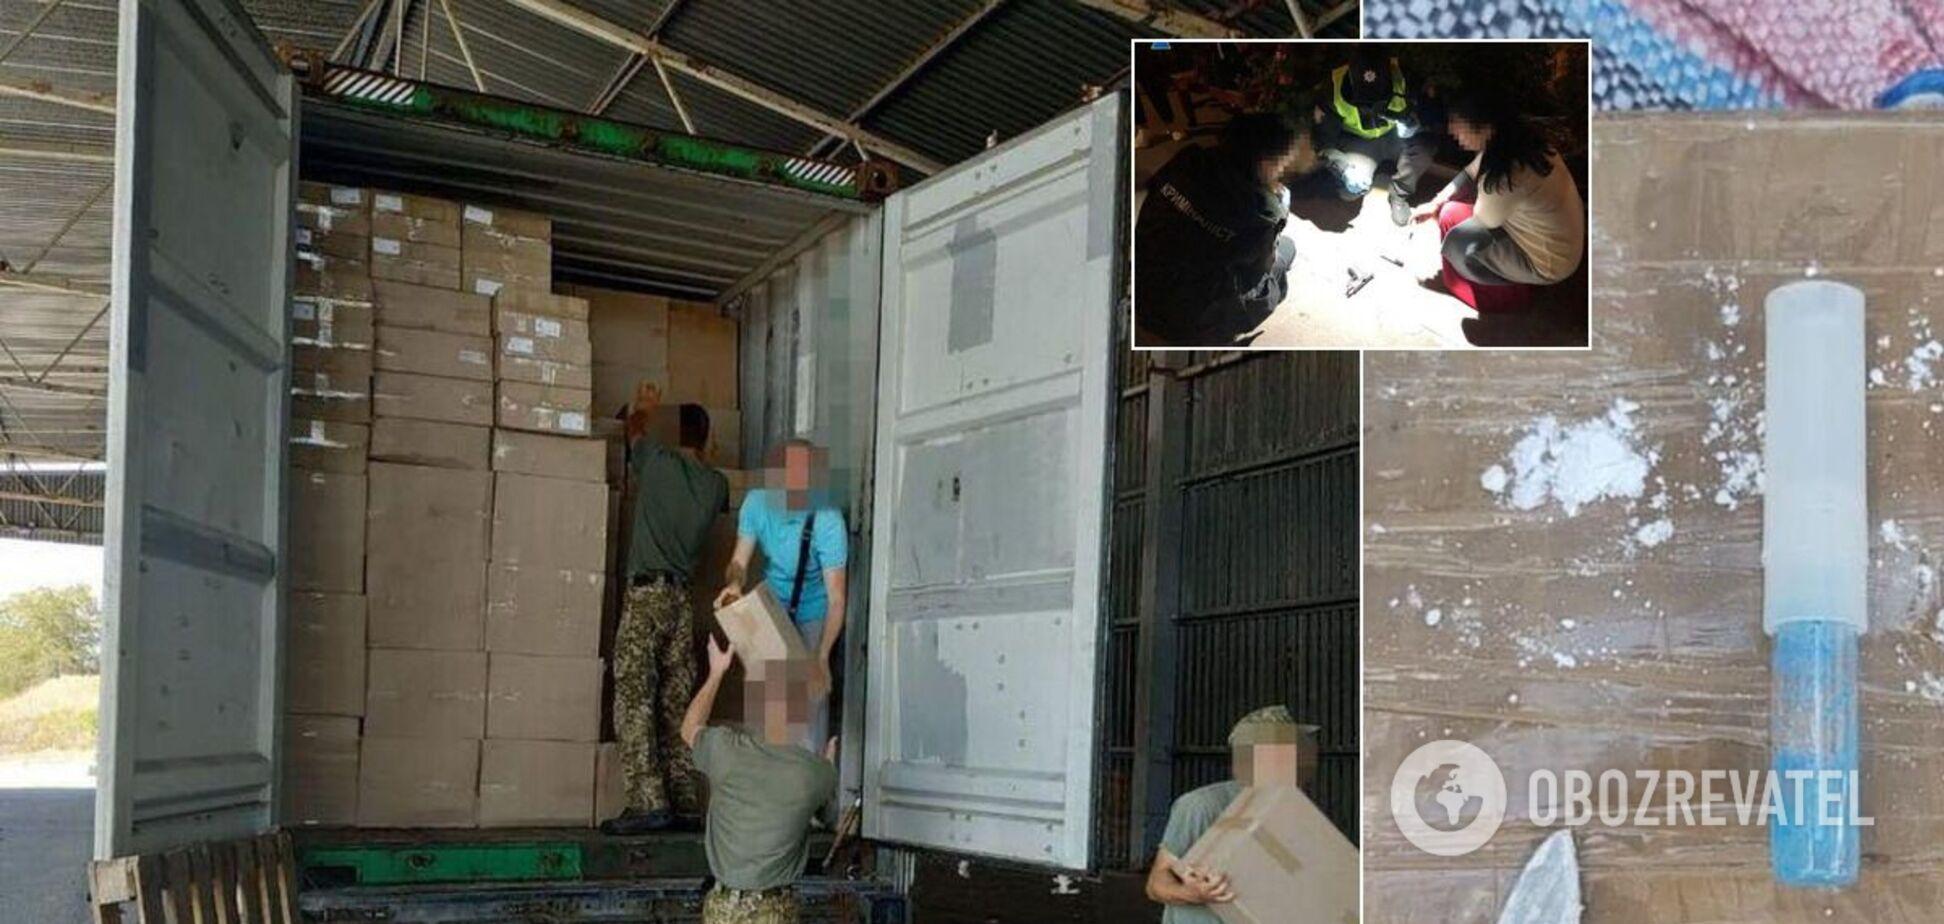 СБУ в Одессе предупредила контрабанду более 100 кг кокаина из Южной Америки